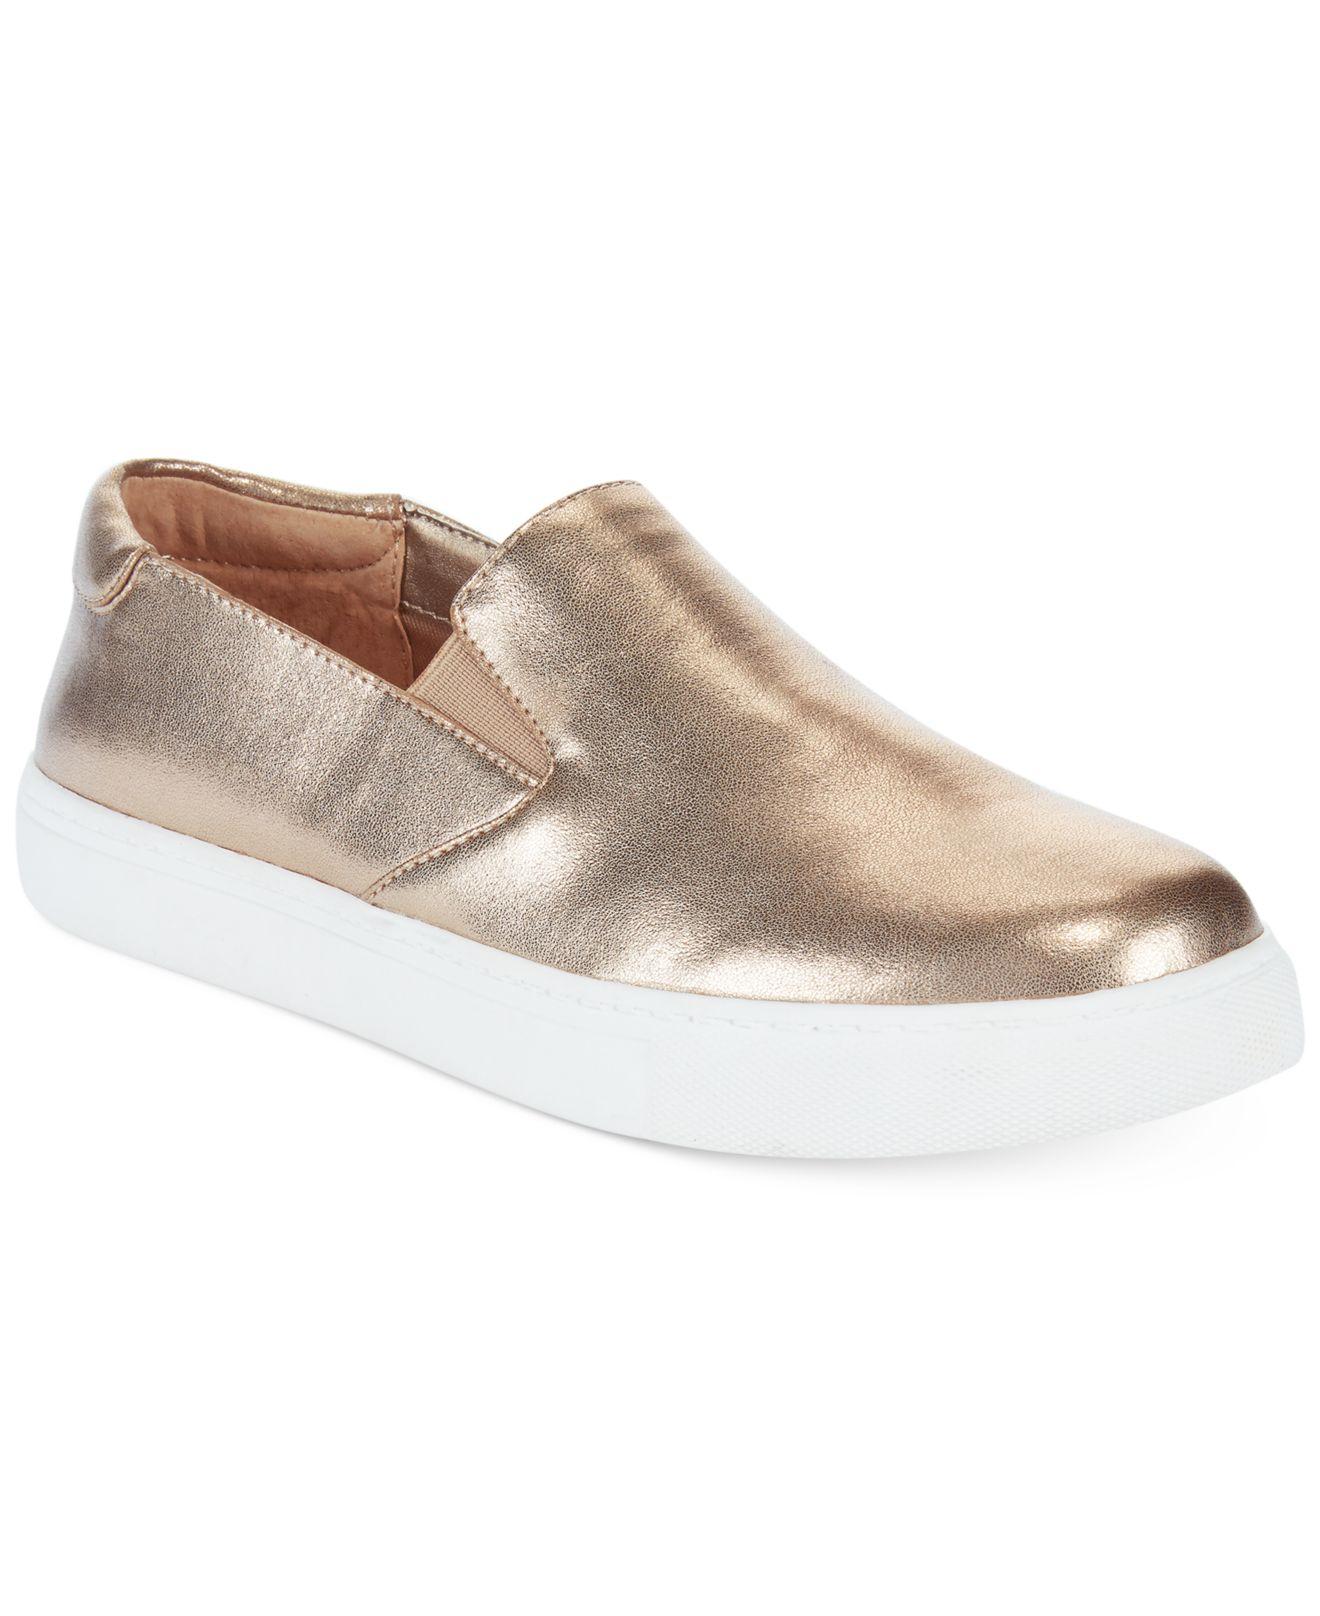 725edda9672 Lyst - Kenneth Cole Reaction Women S Salt King Slip-On Sneakers in ...